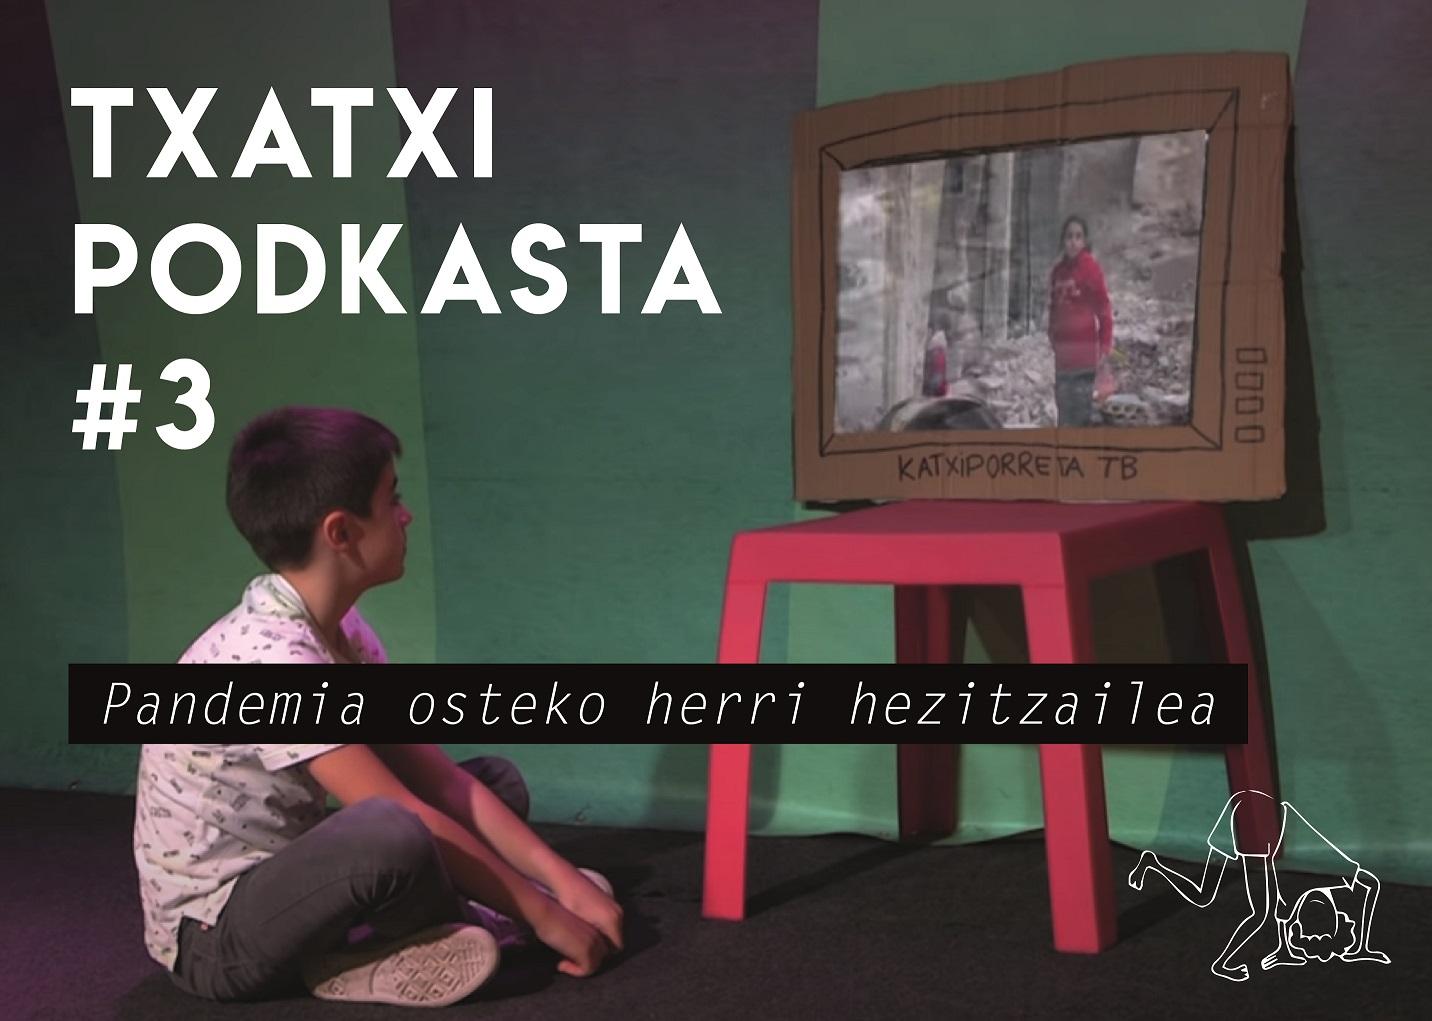 TxatxiPodkasta_karatula